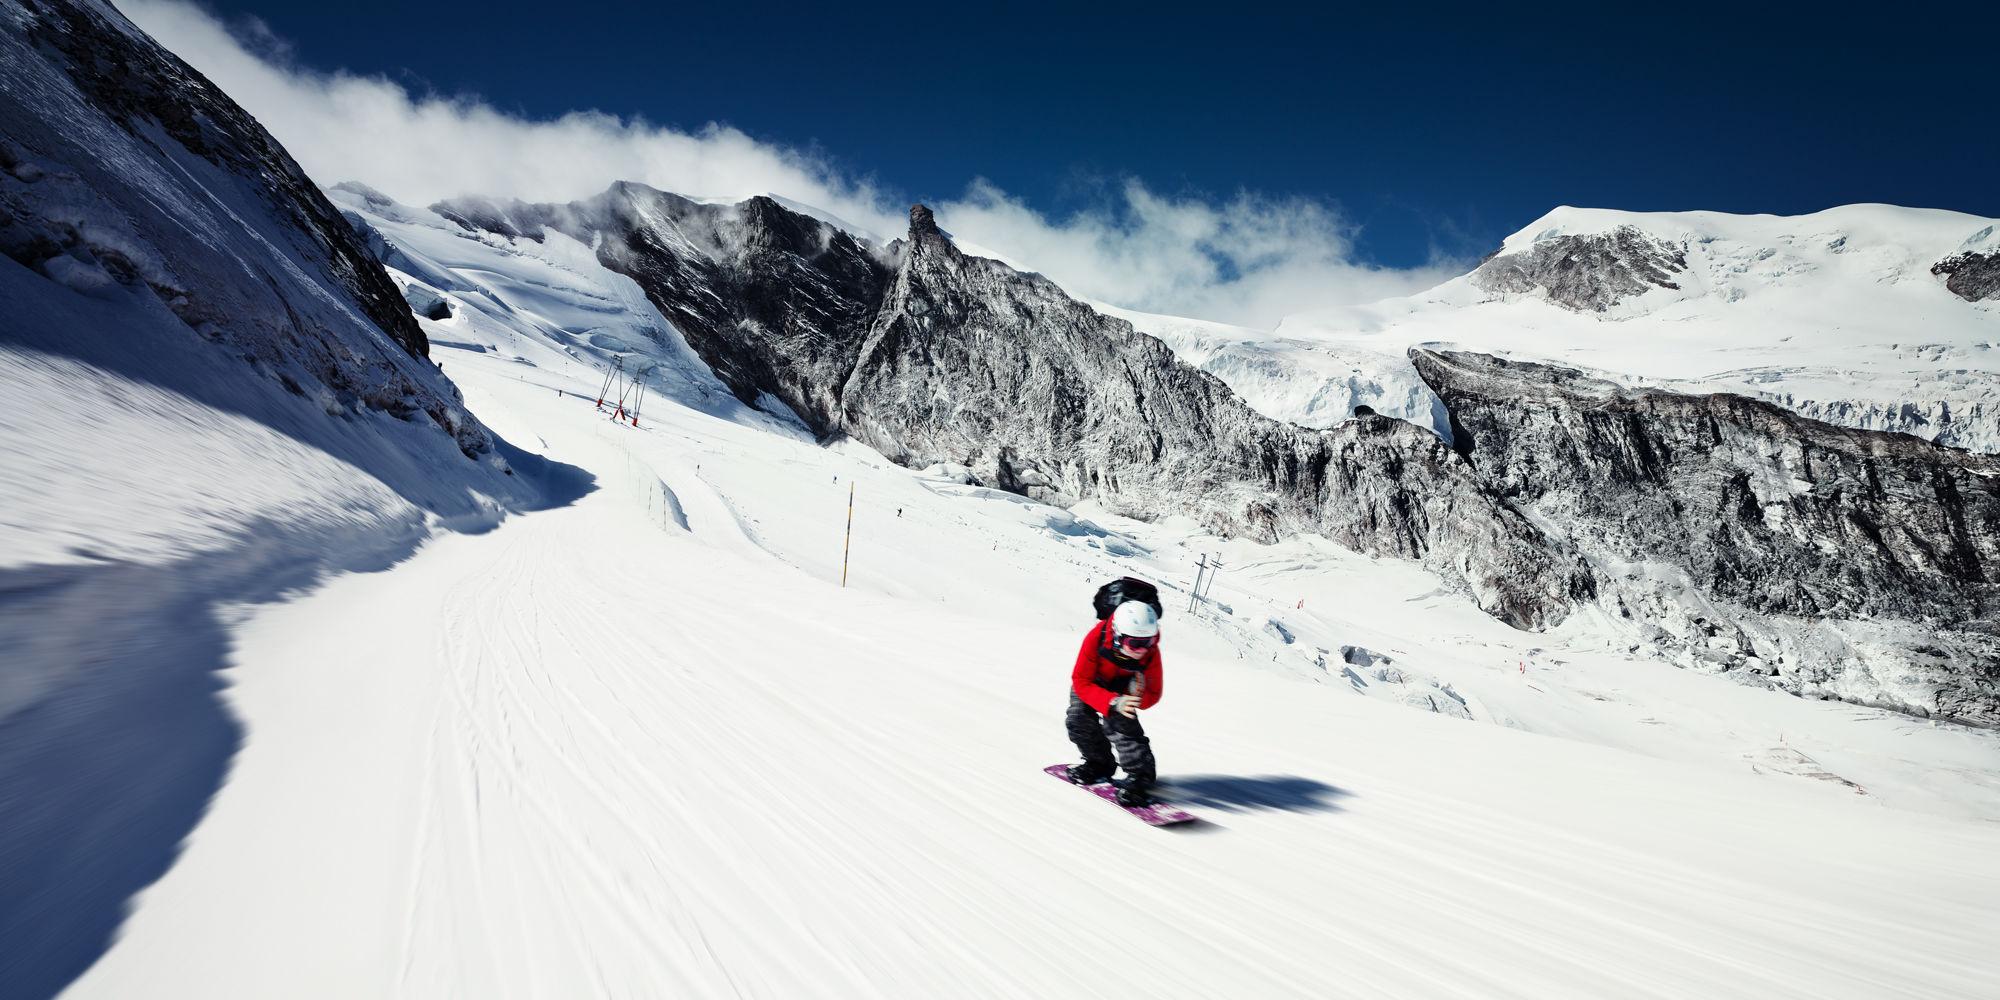 Snowboarden in der Freien Ferienrepublik Saas-Fee